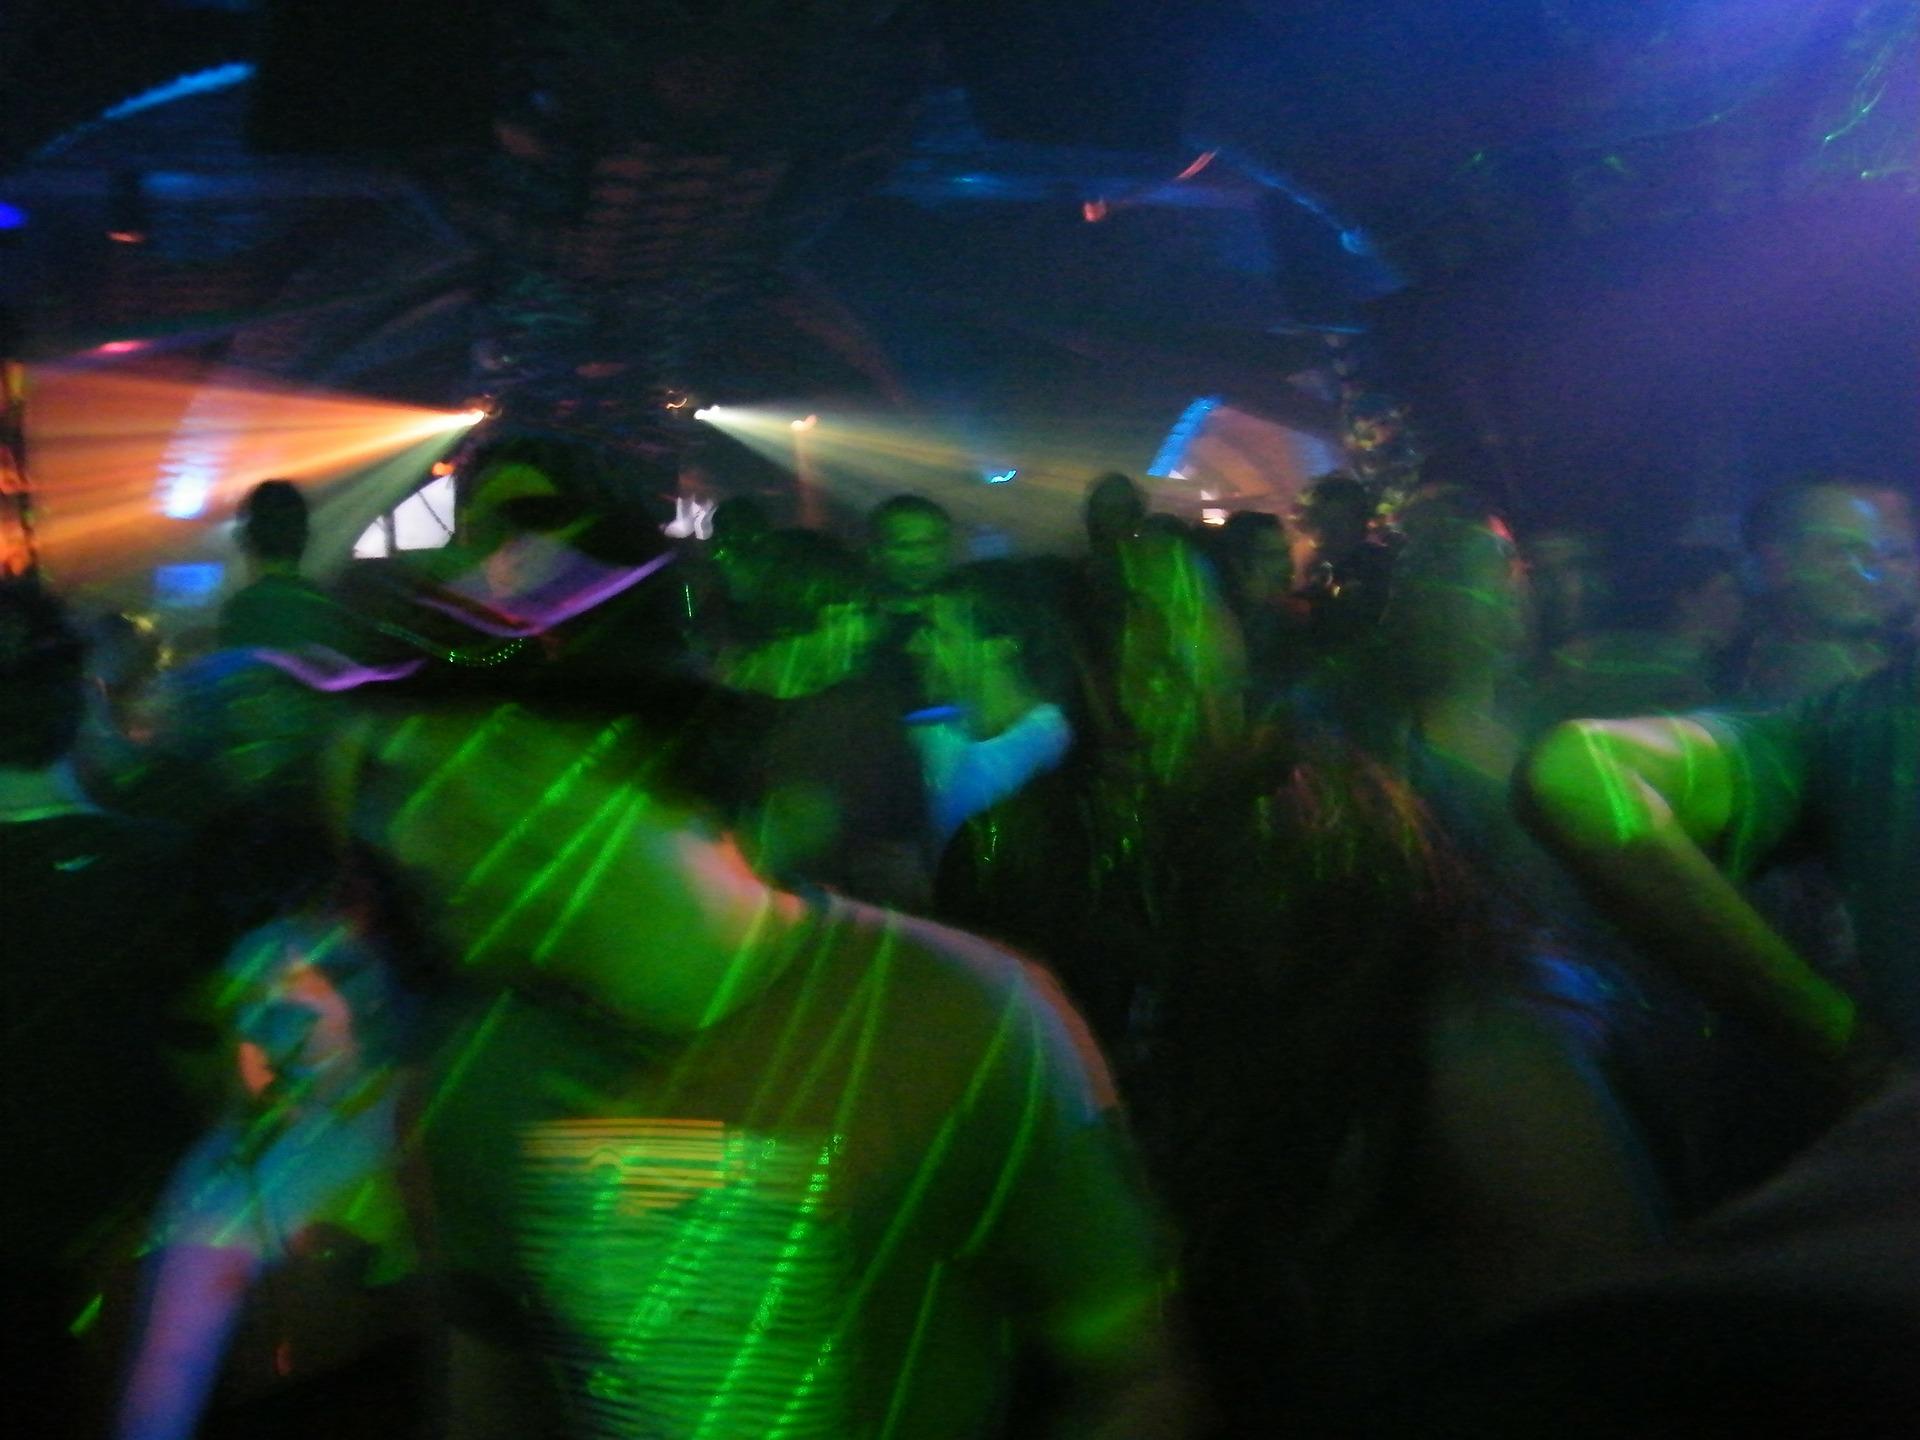 dancing-206739_1920.jpg